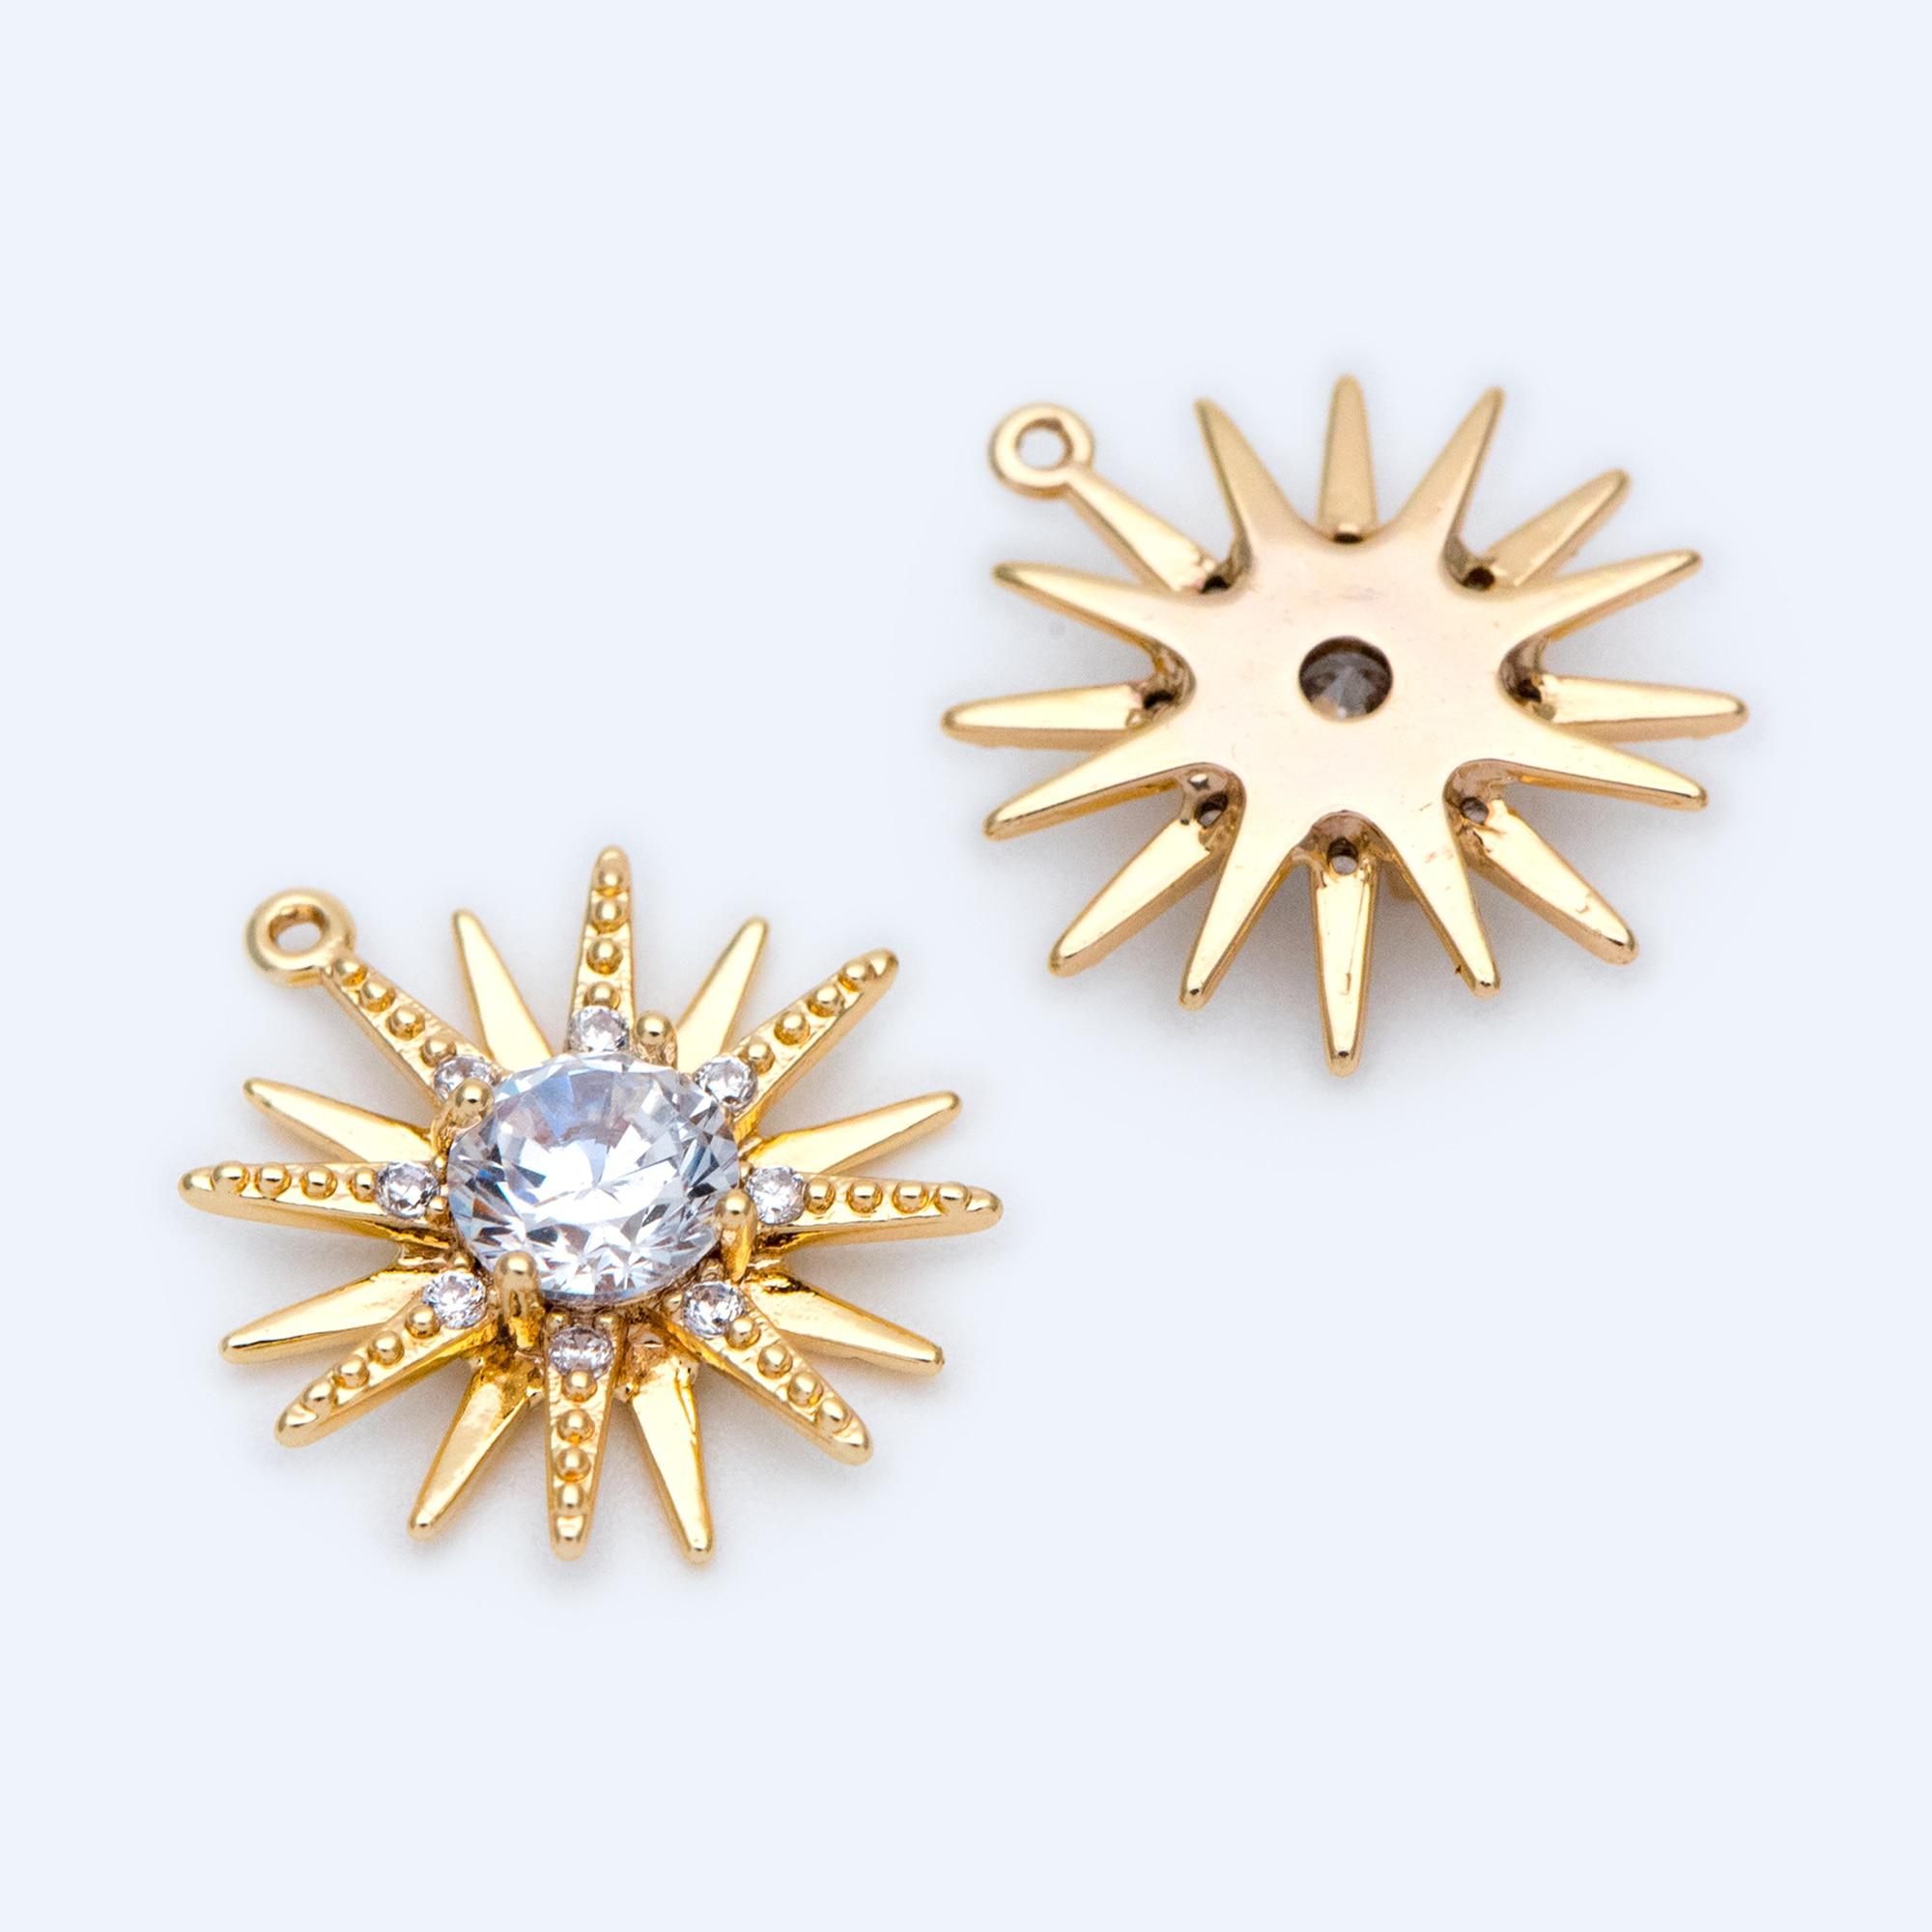 10 Uds CZ pavimentado oro abalorios del sol 16x15mm, 18K oro plateado latón, colgantes del Sol (GB-1265)